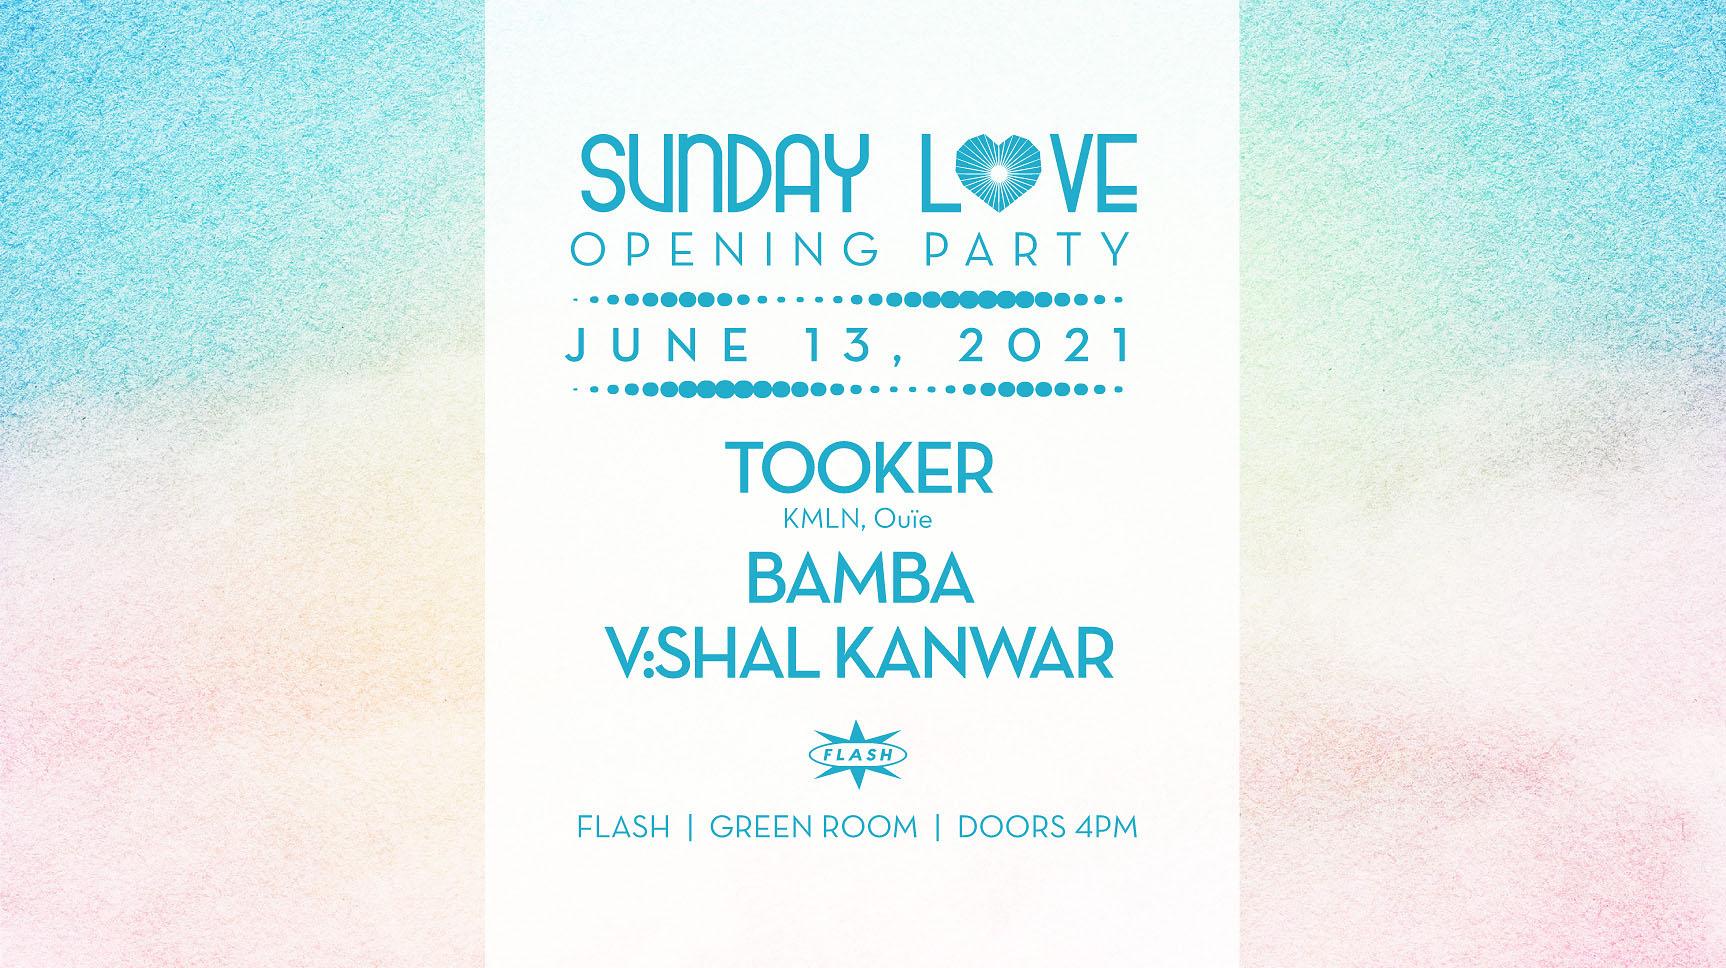 Sunday Love Season Opener Tooker (KMLN, Ouïe) - Bamba - v:shal kanwar